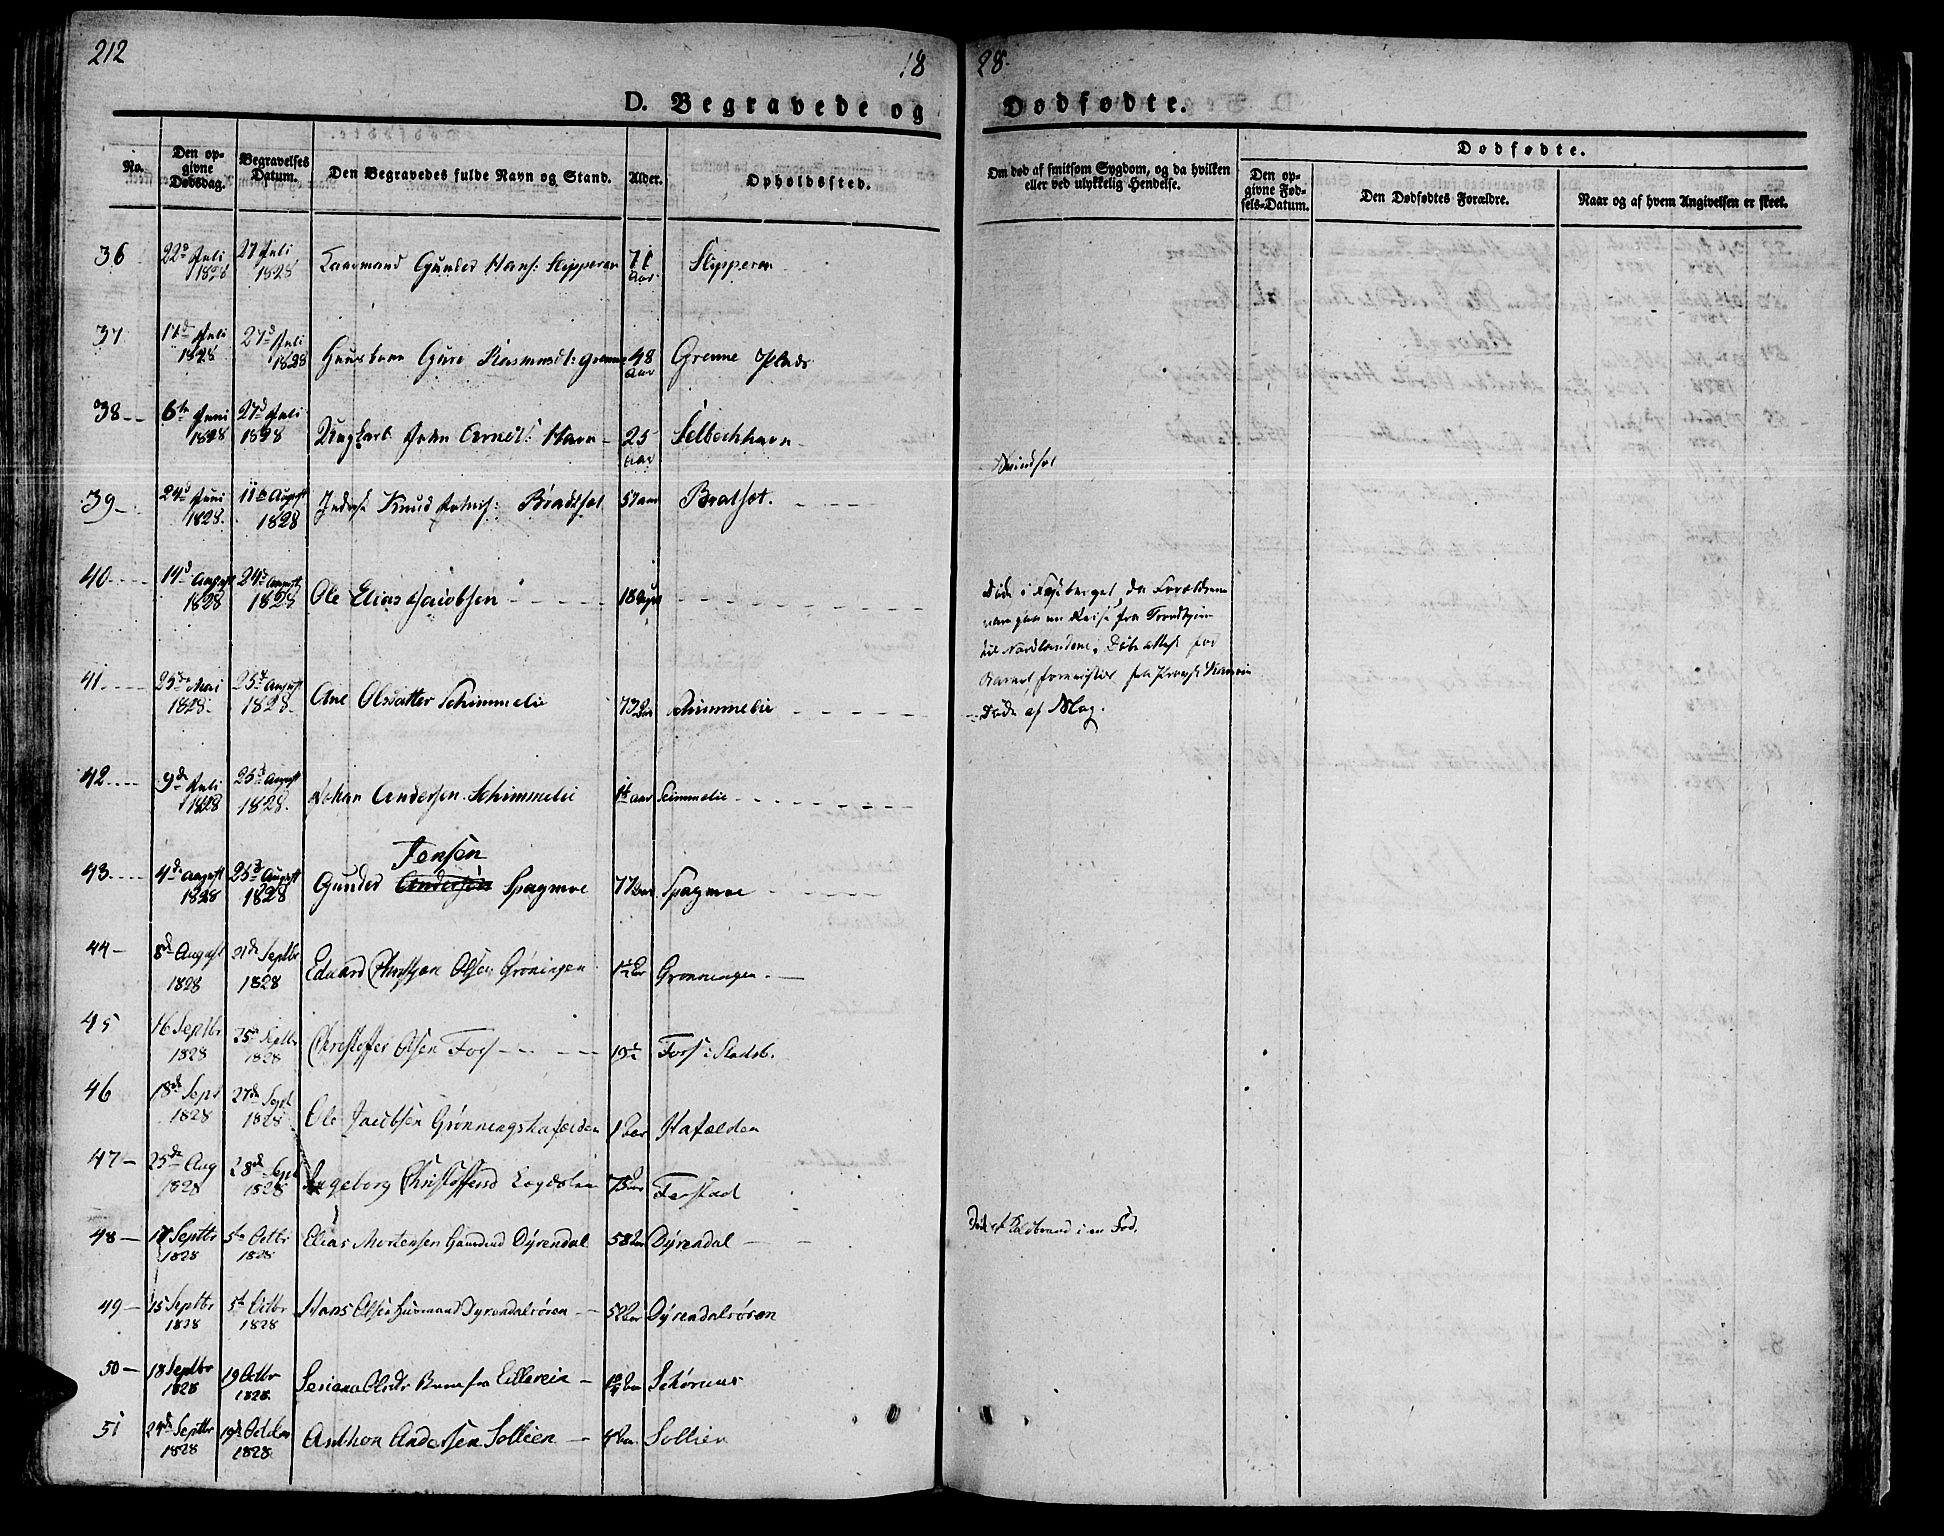 SAT, Ministerialprotokoller, klokkerbøker og fødselsregistre - Sør-Trøndelag, 646/L0609: Ministerialbok nr. 646A07, 1826-1838, s. 212